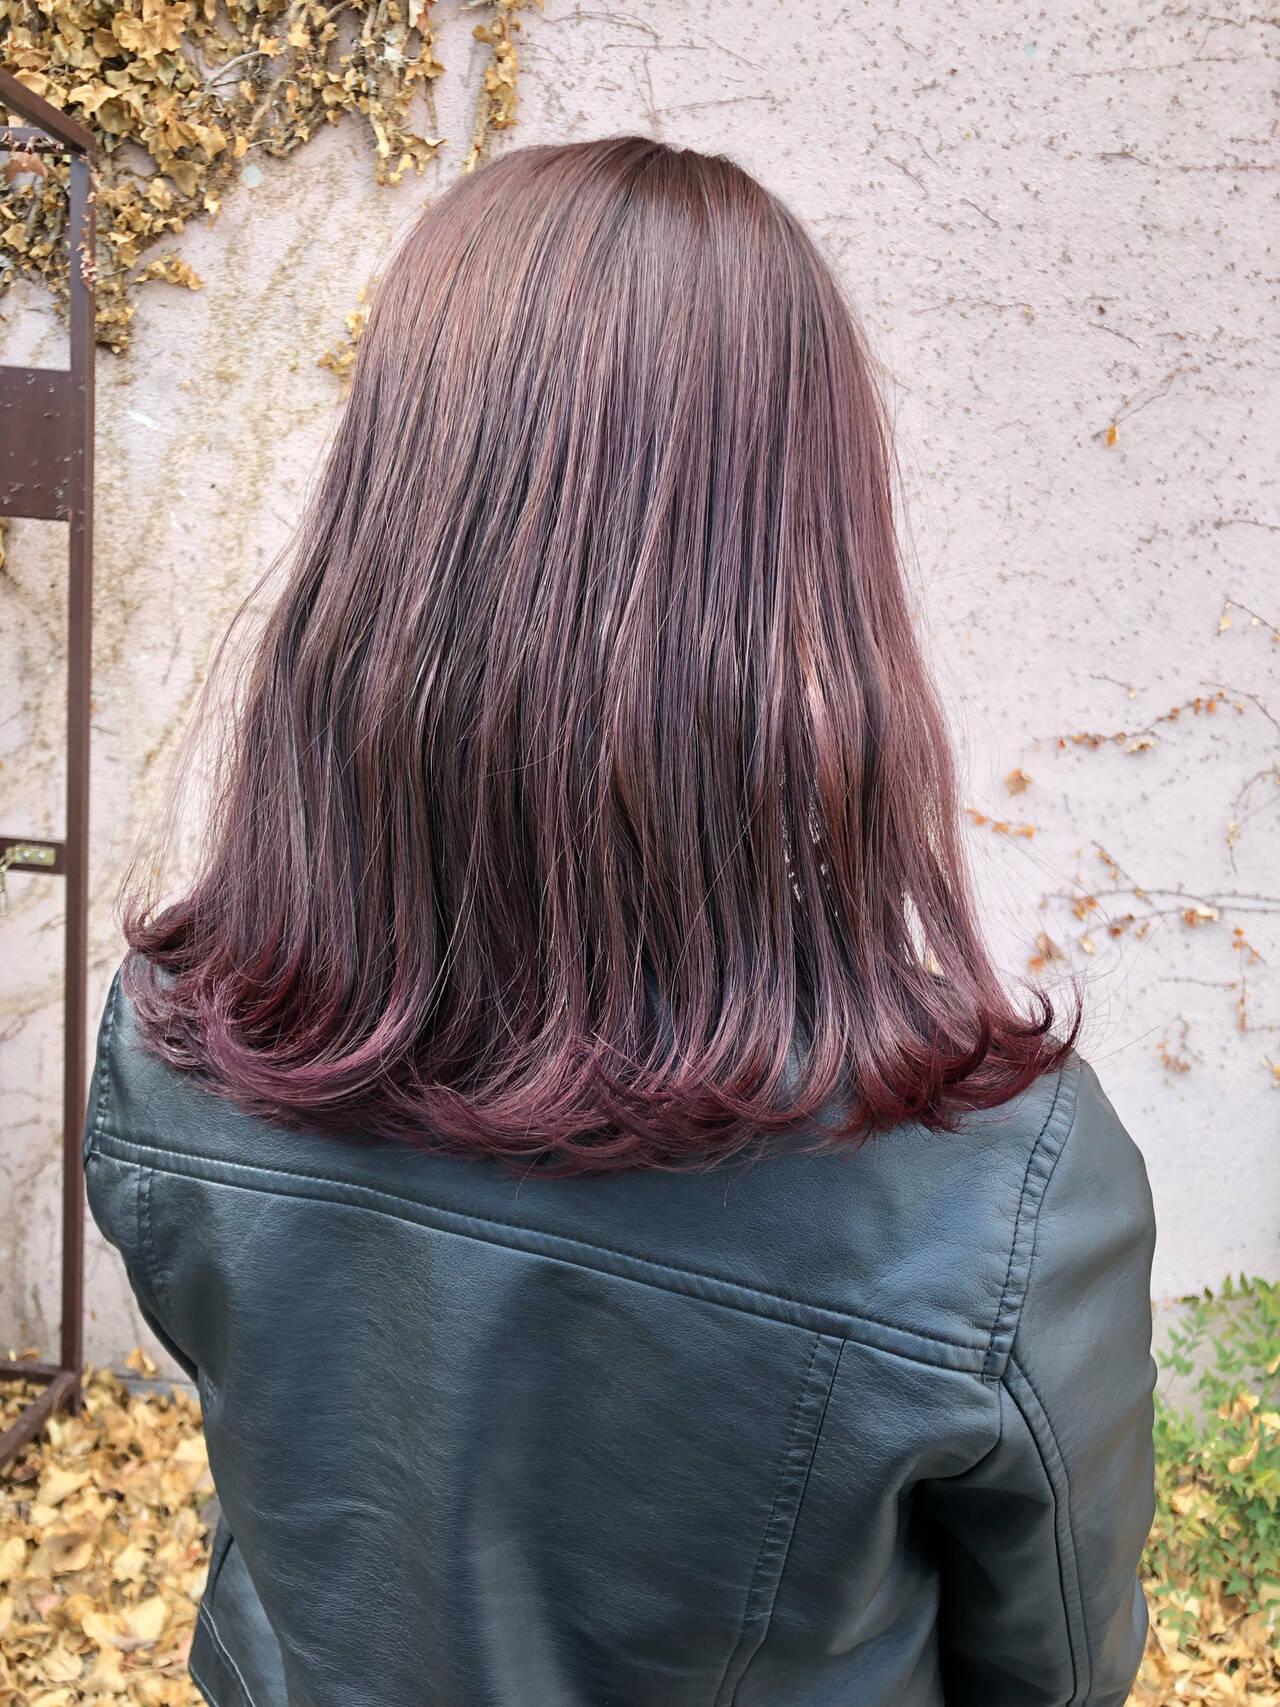 ナチュラル ピンクラベンダー ミディアム ラベンダーピンクヘアスタイルや髪型の写真・画像